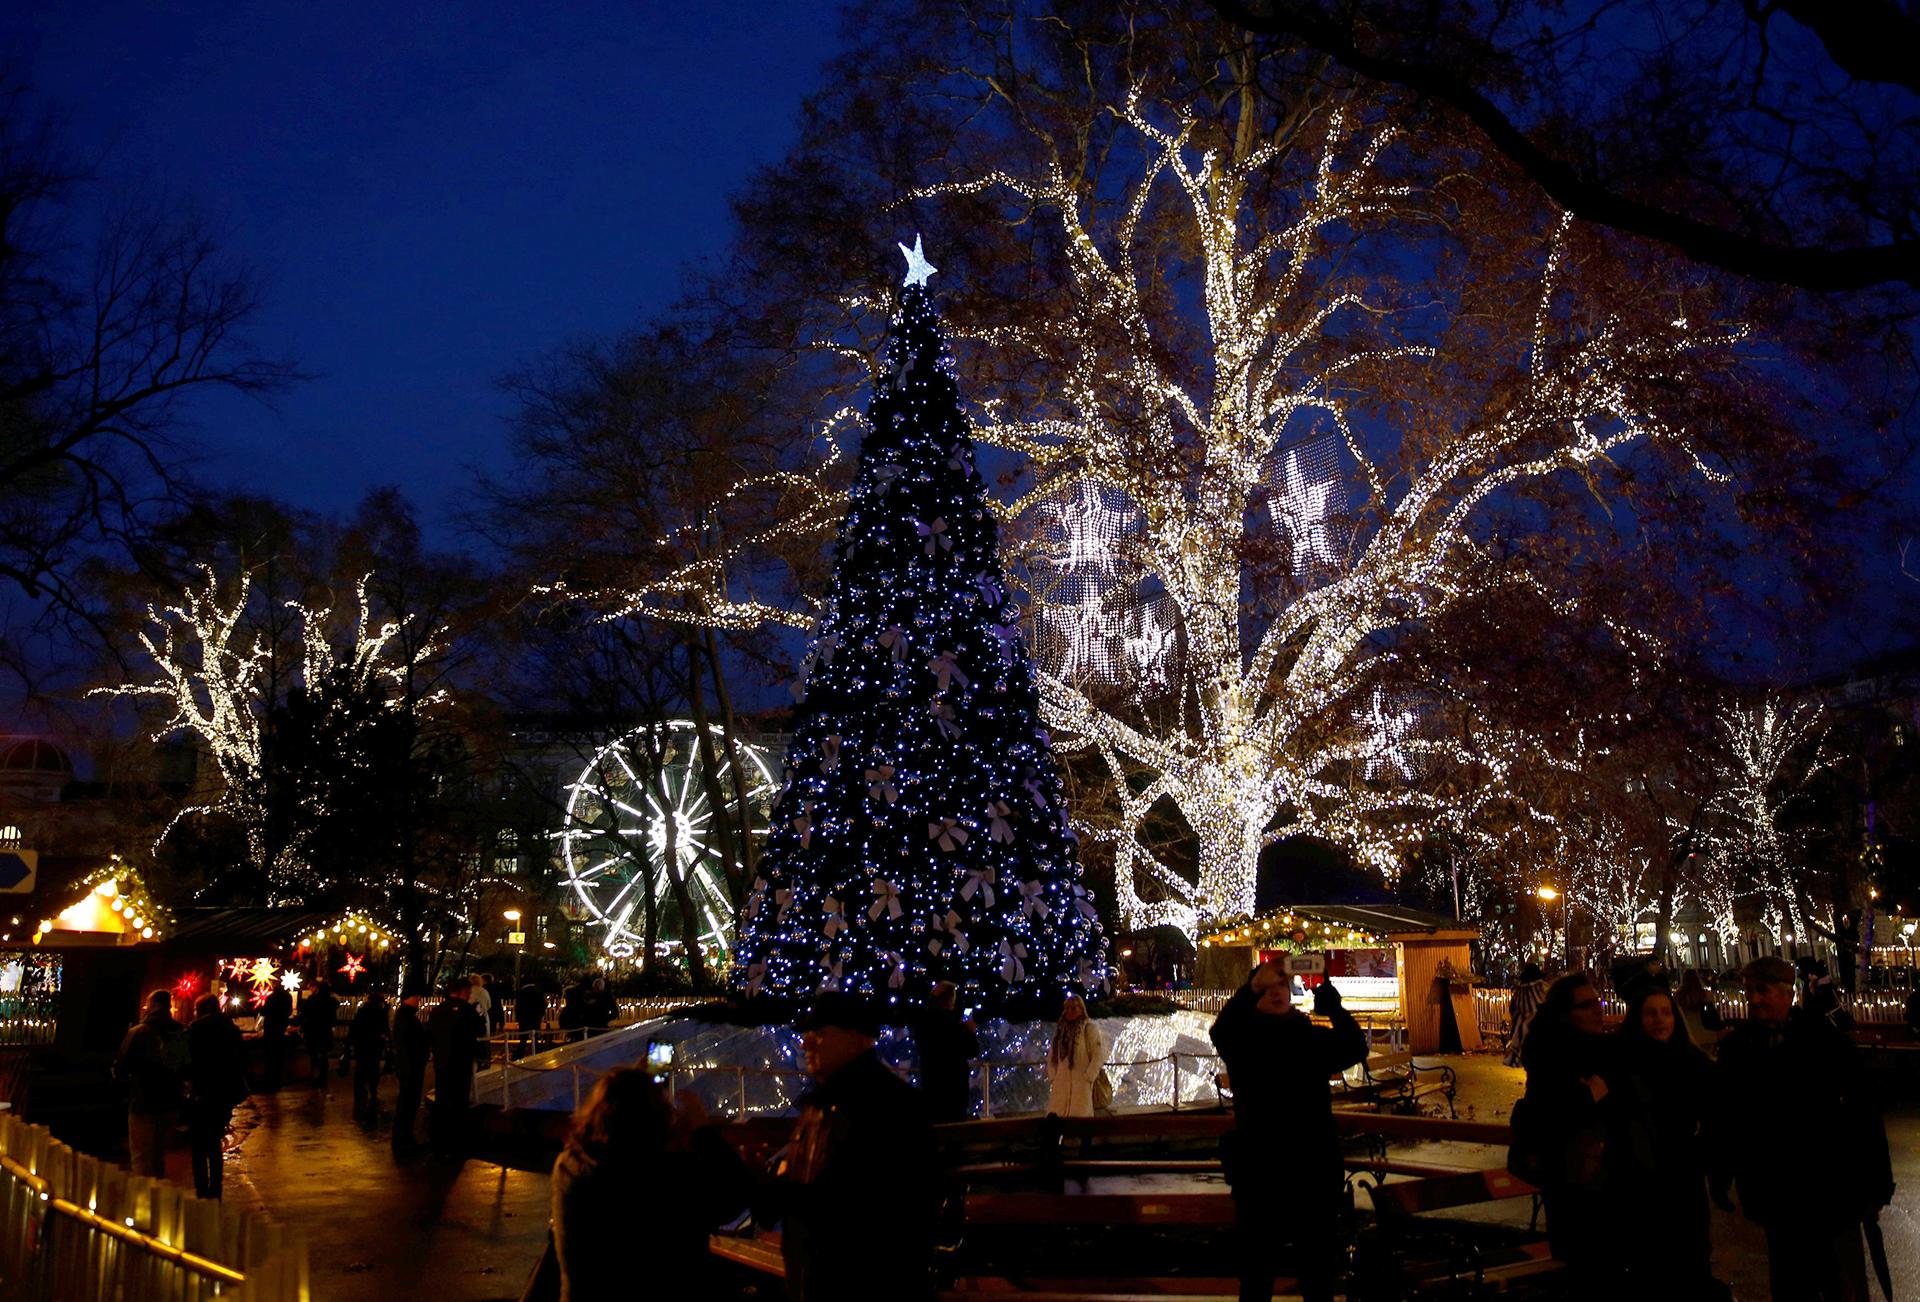 También en Viena, pero con otro tipo de iluminación, estos árboles brillan frente a la municipalidad de la ciudad austríaca